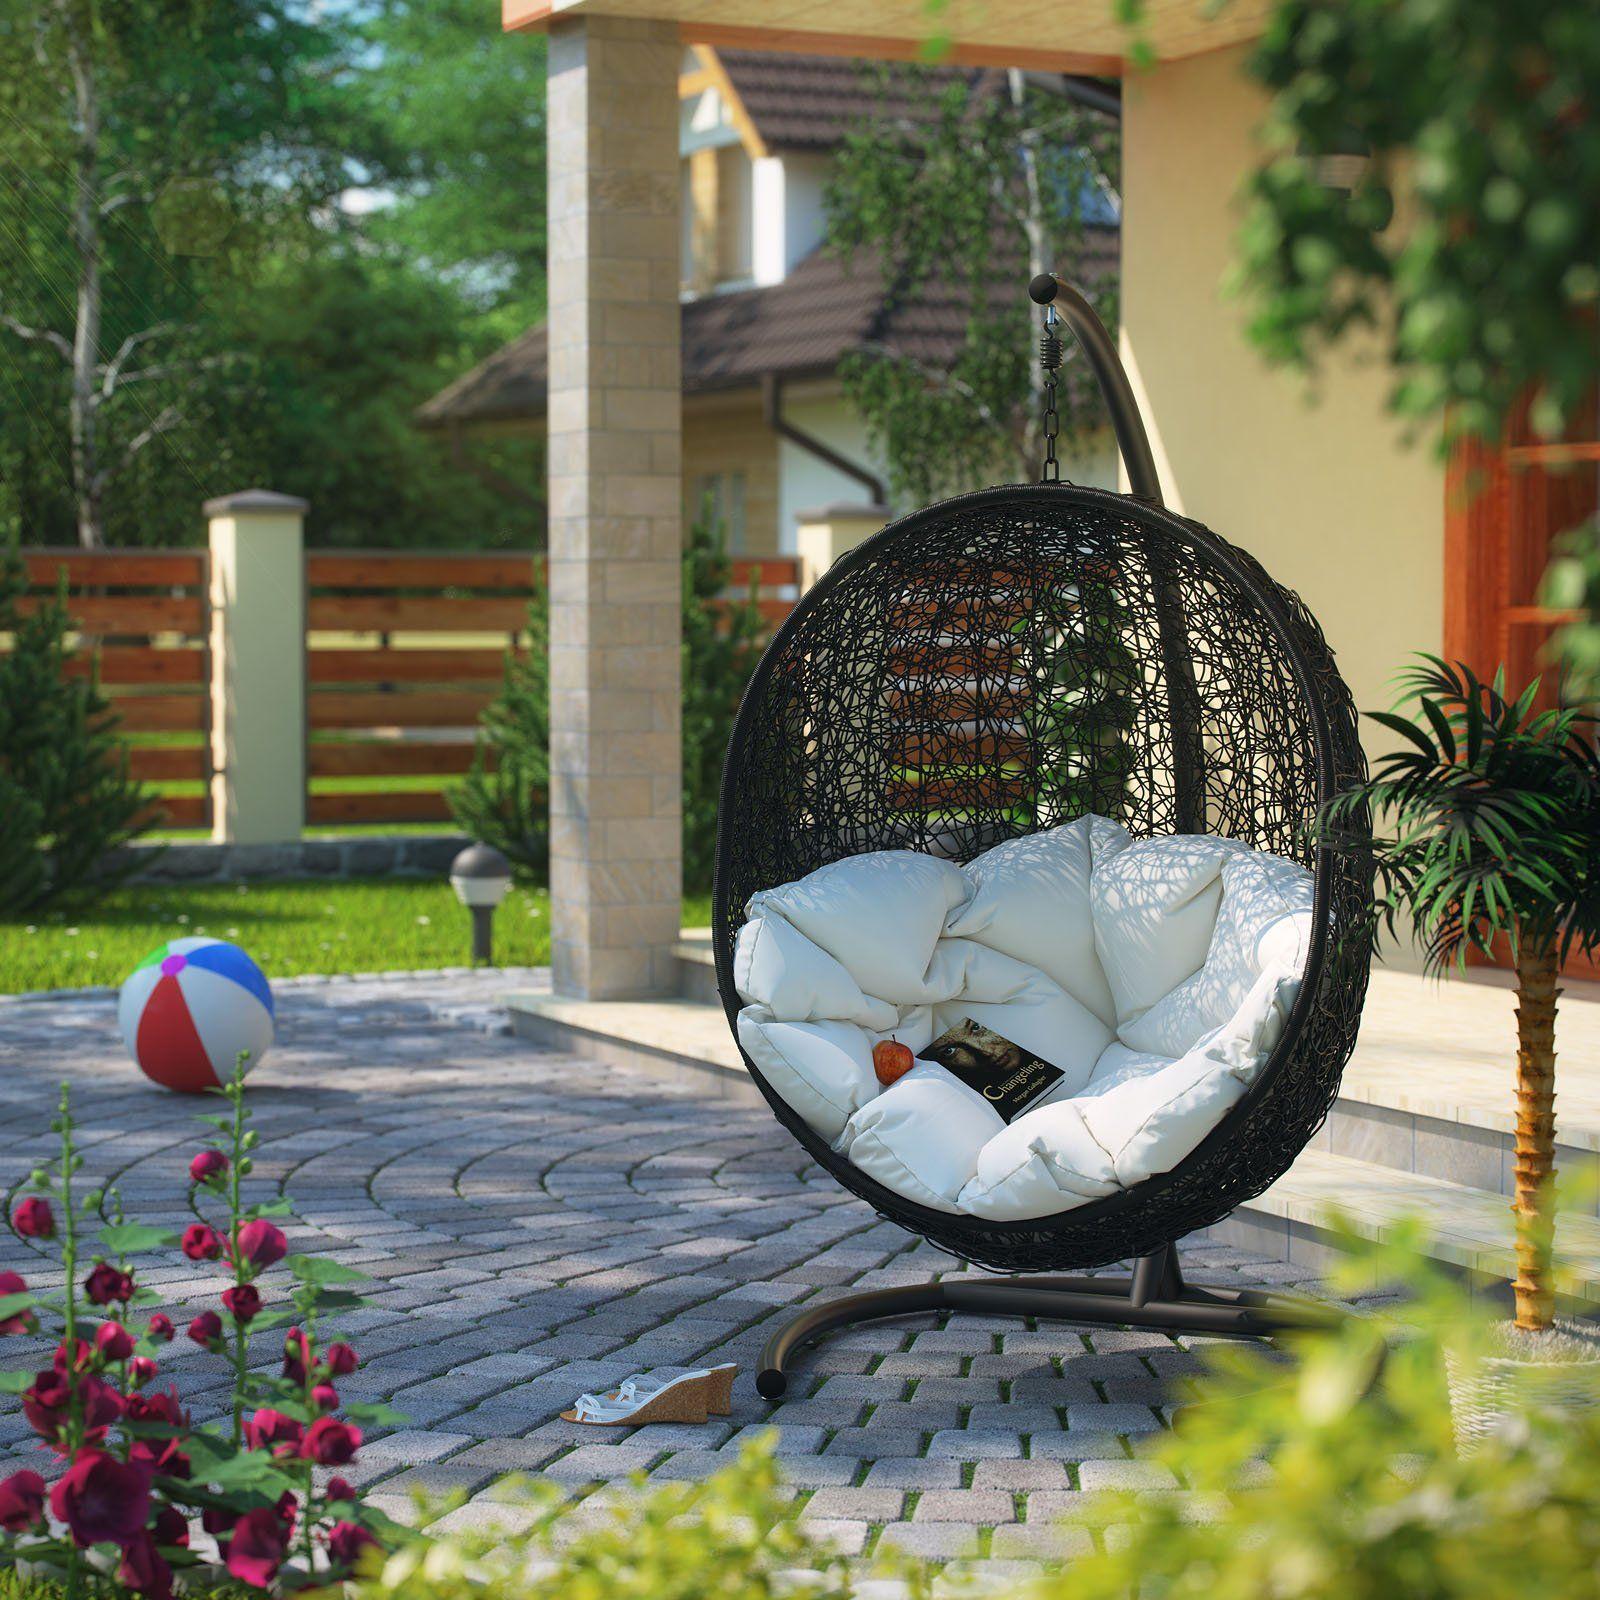 Amazon LexMod Cocoon Wicker Rattan Outdoor Wicker Patio Swing